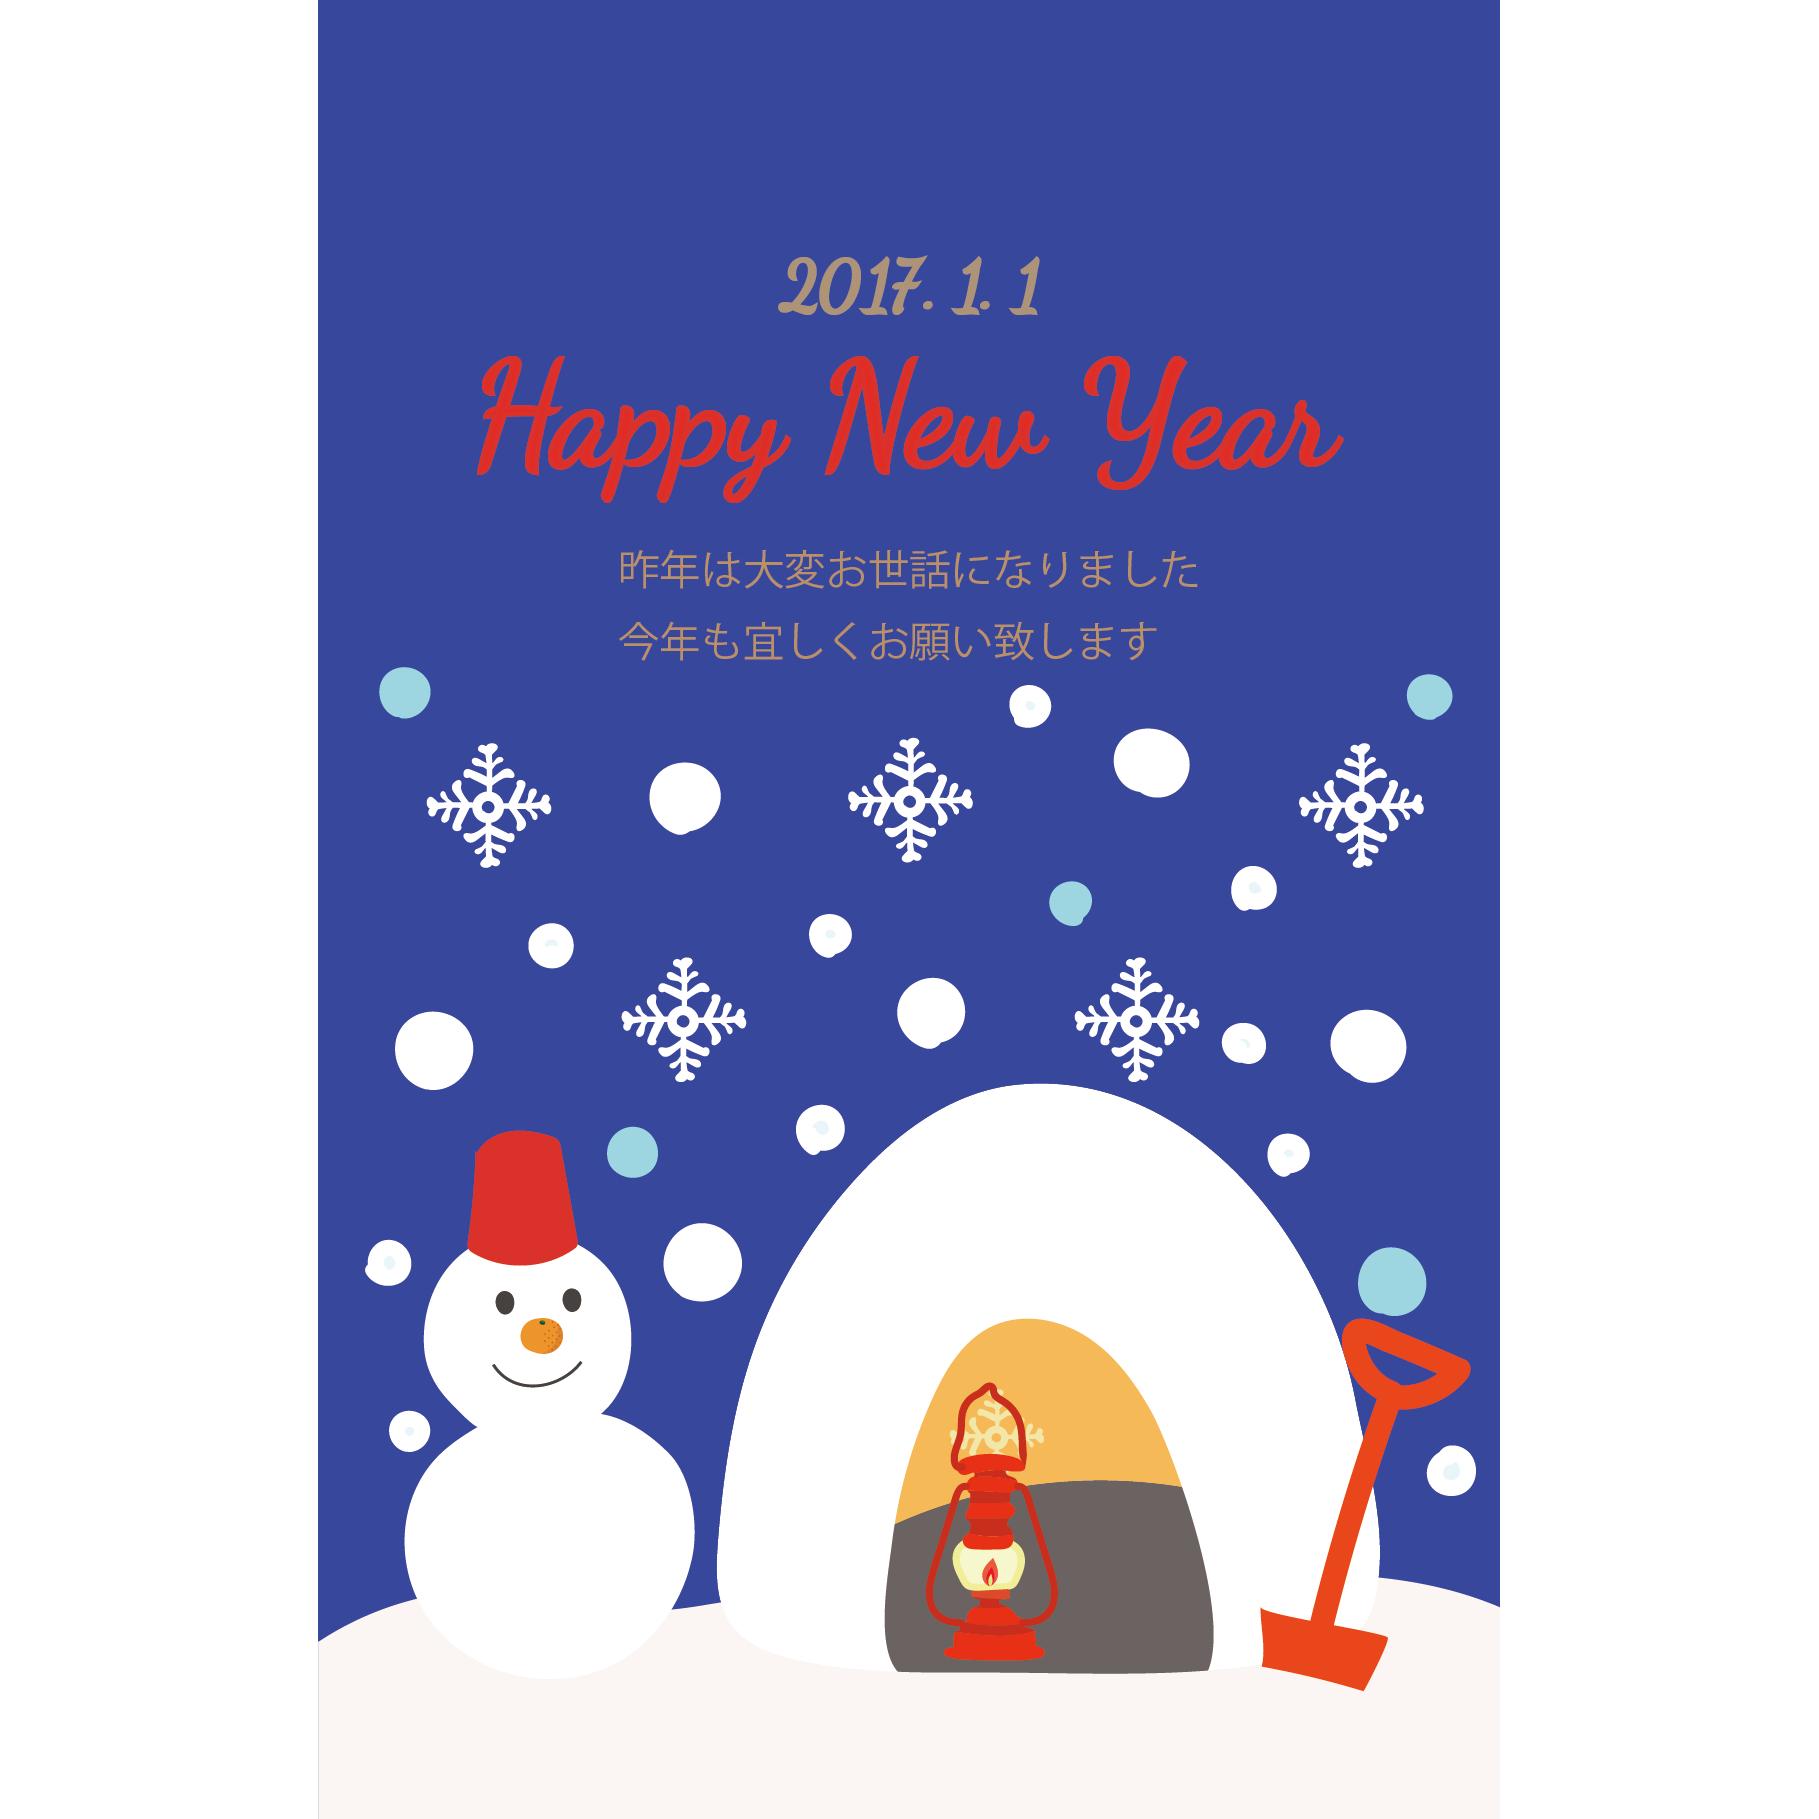 とってもかわいい雪だるま!とかまくら!と雪の結晶! 2017年 年賀状